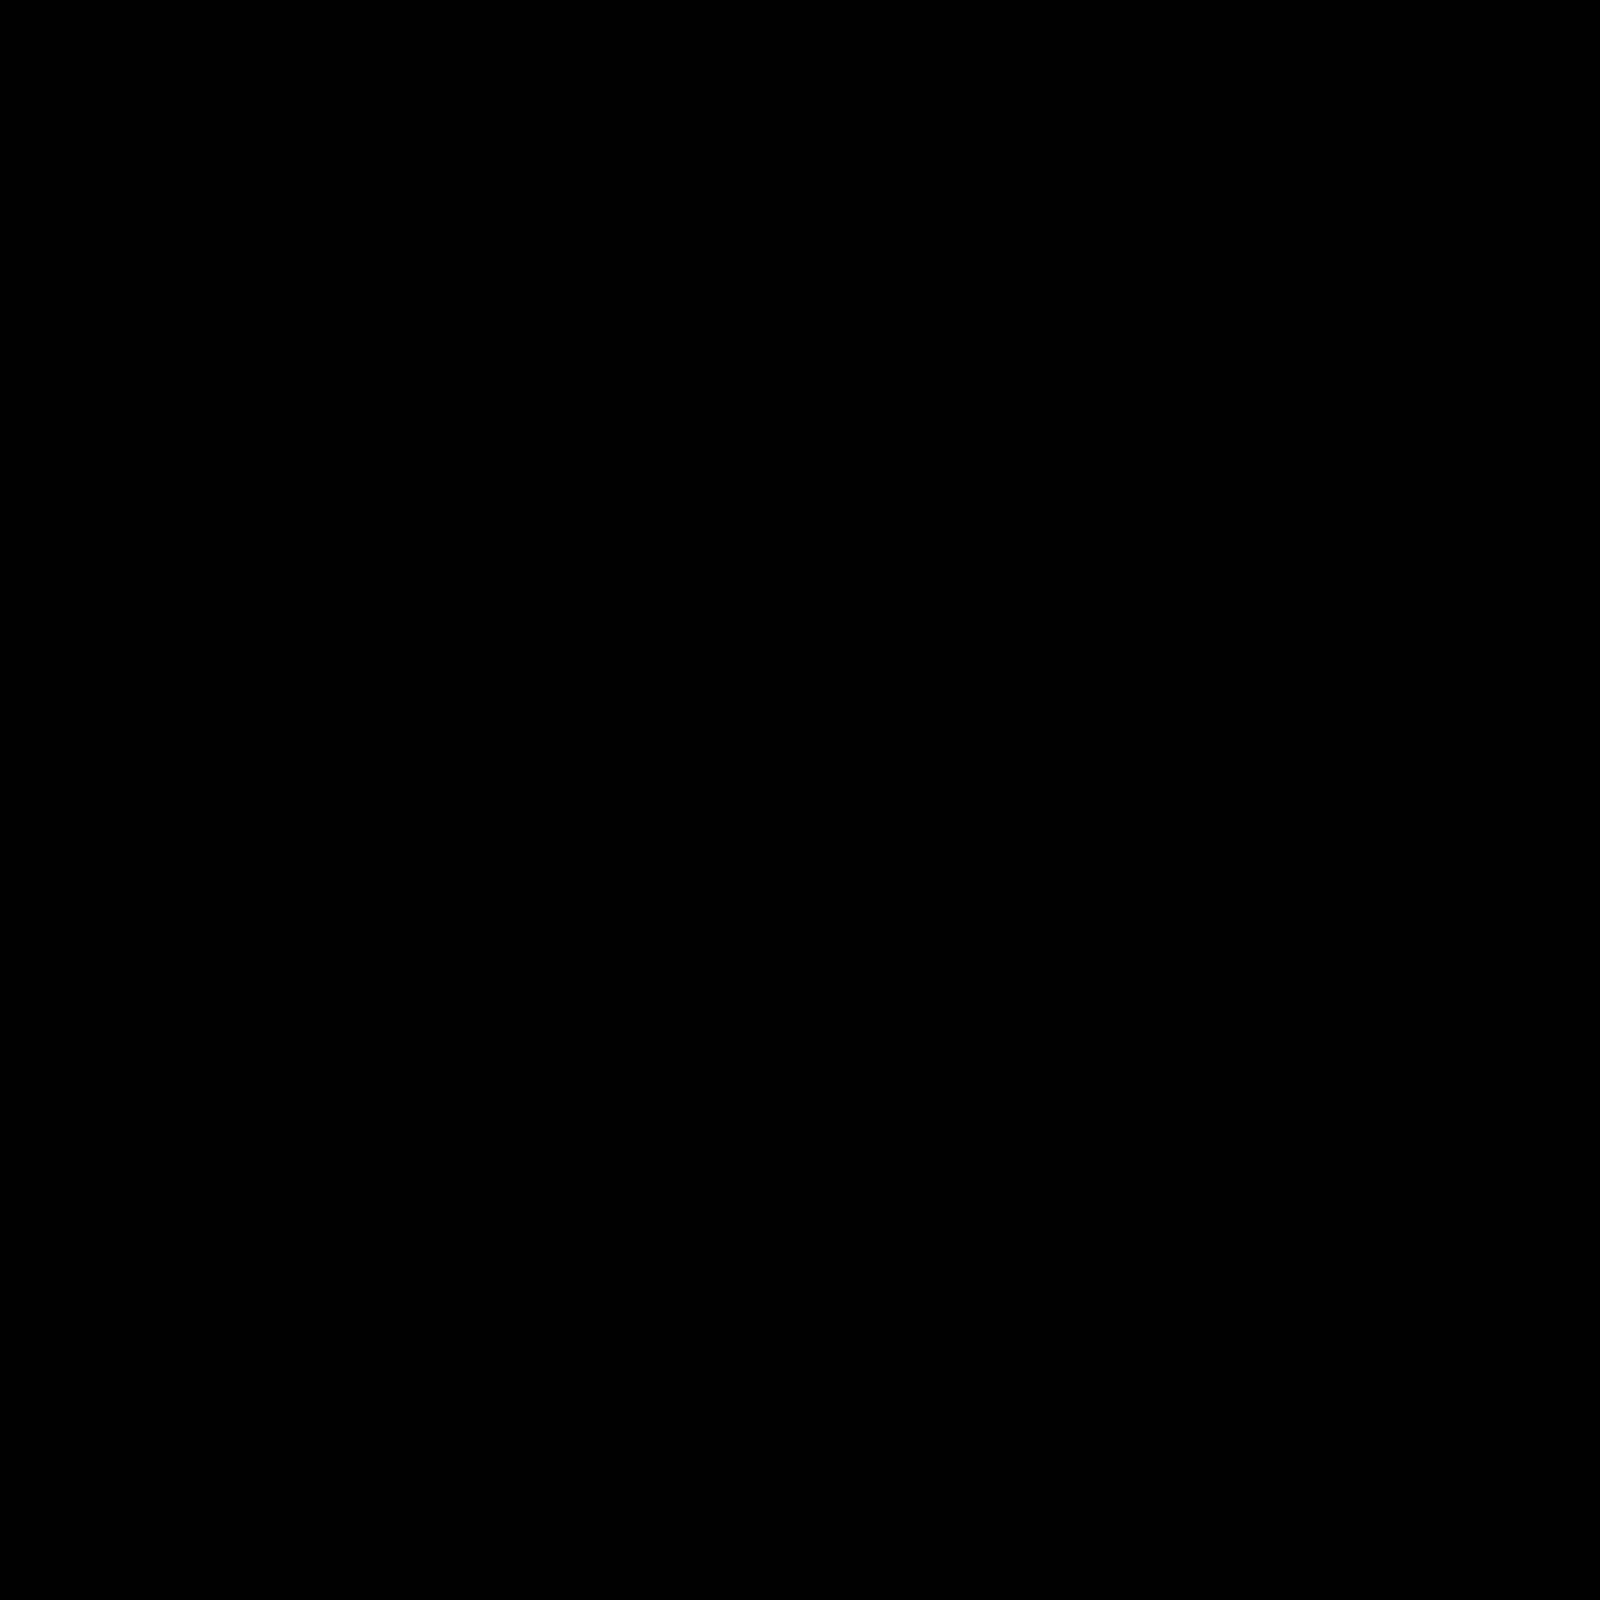 Request Service icon